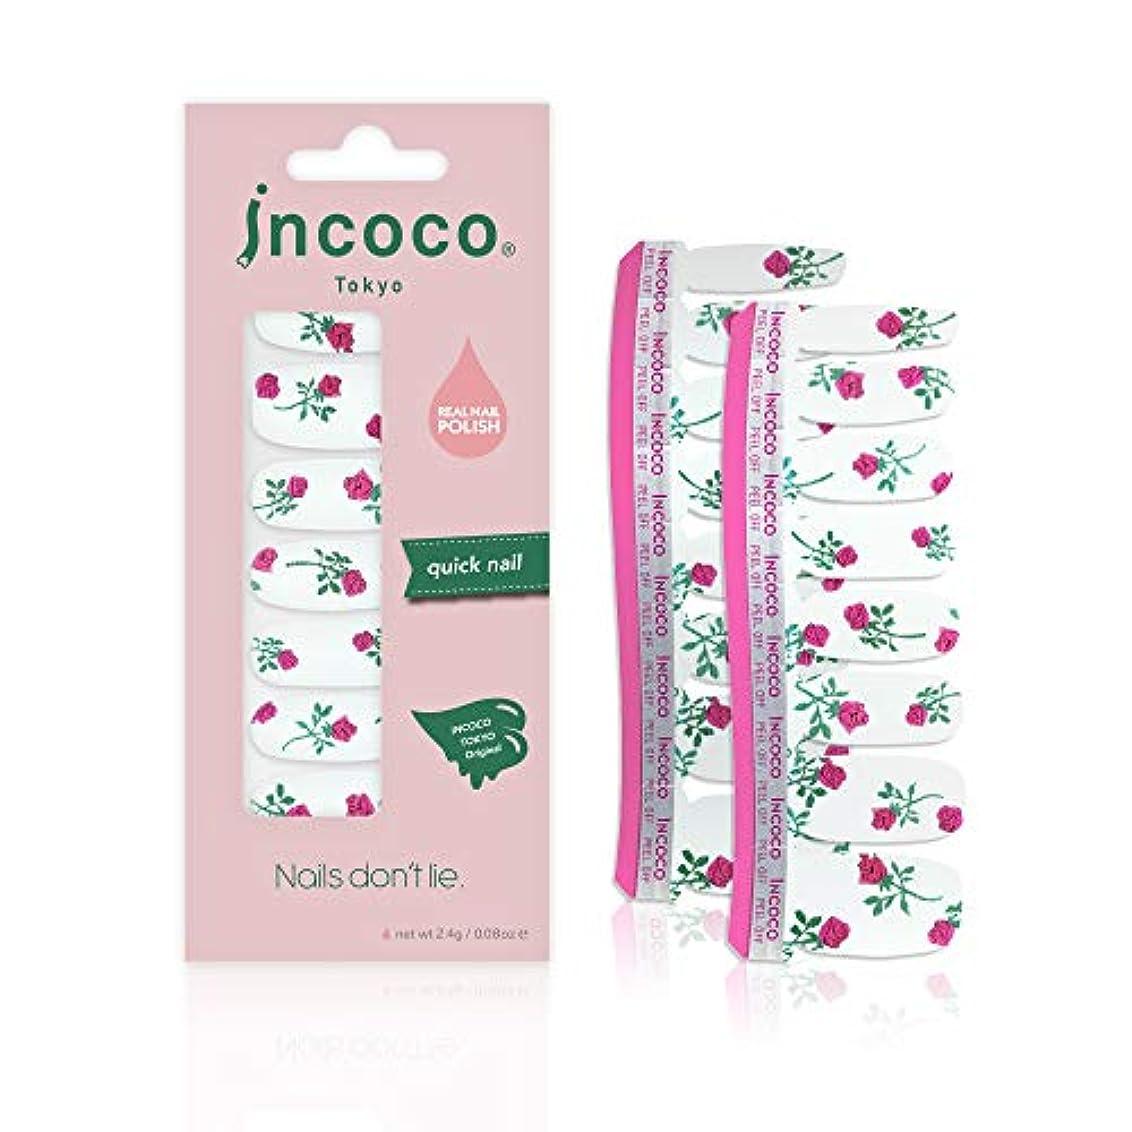 安らぎ一時的旋回インココ トーキョー 「100 デイズ」 (100 Days)